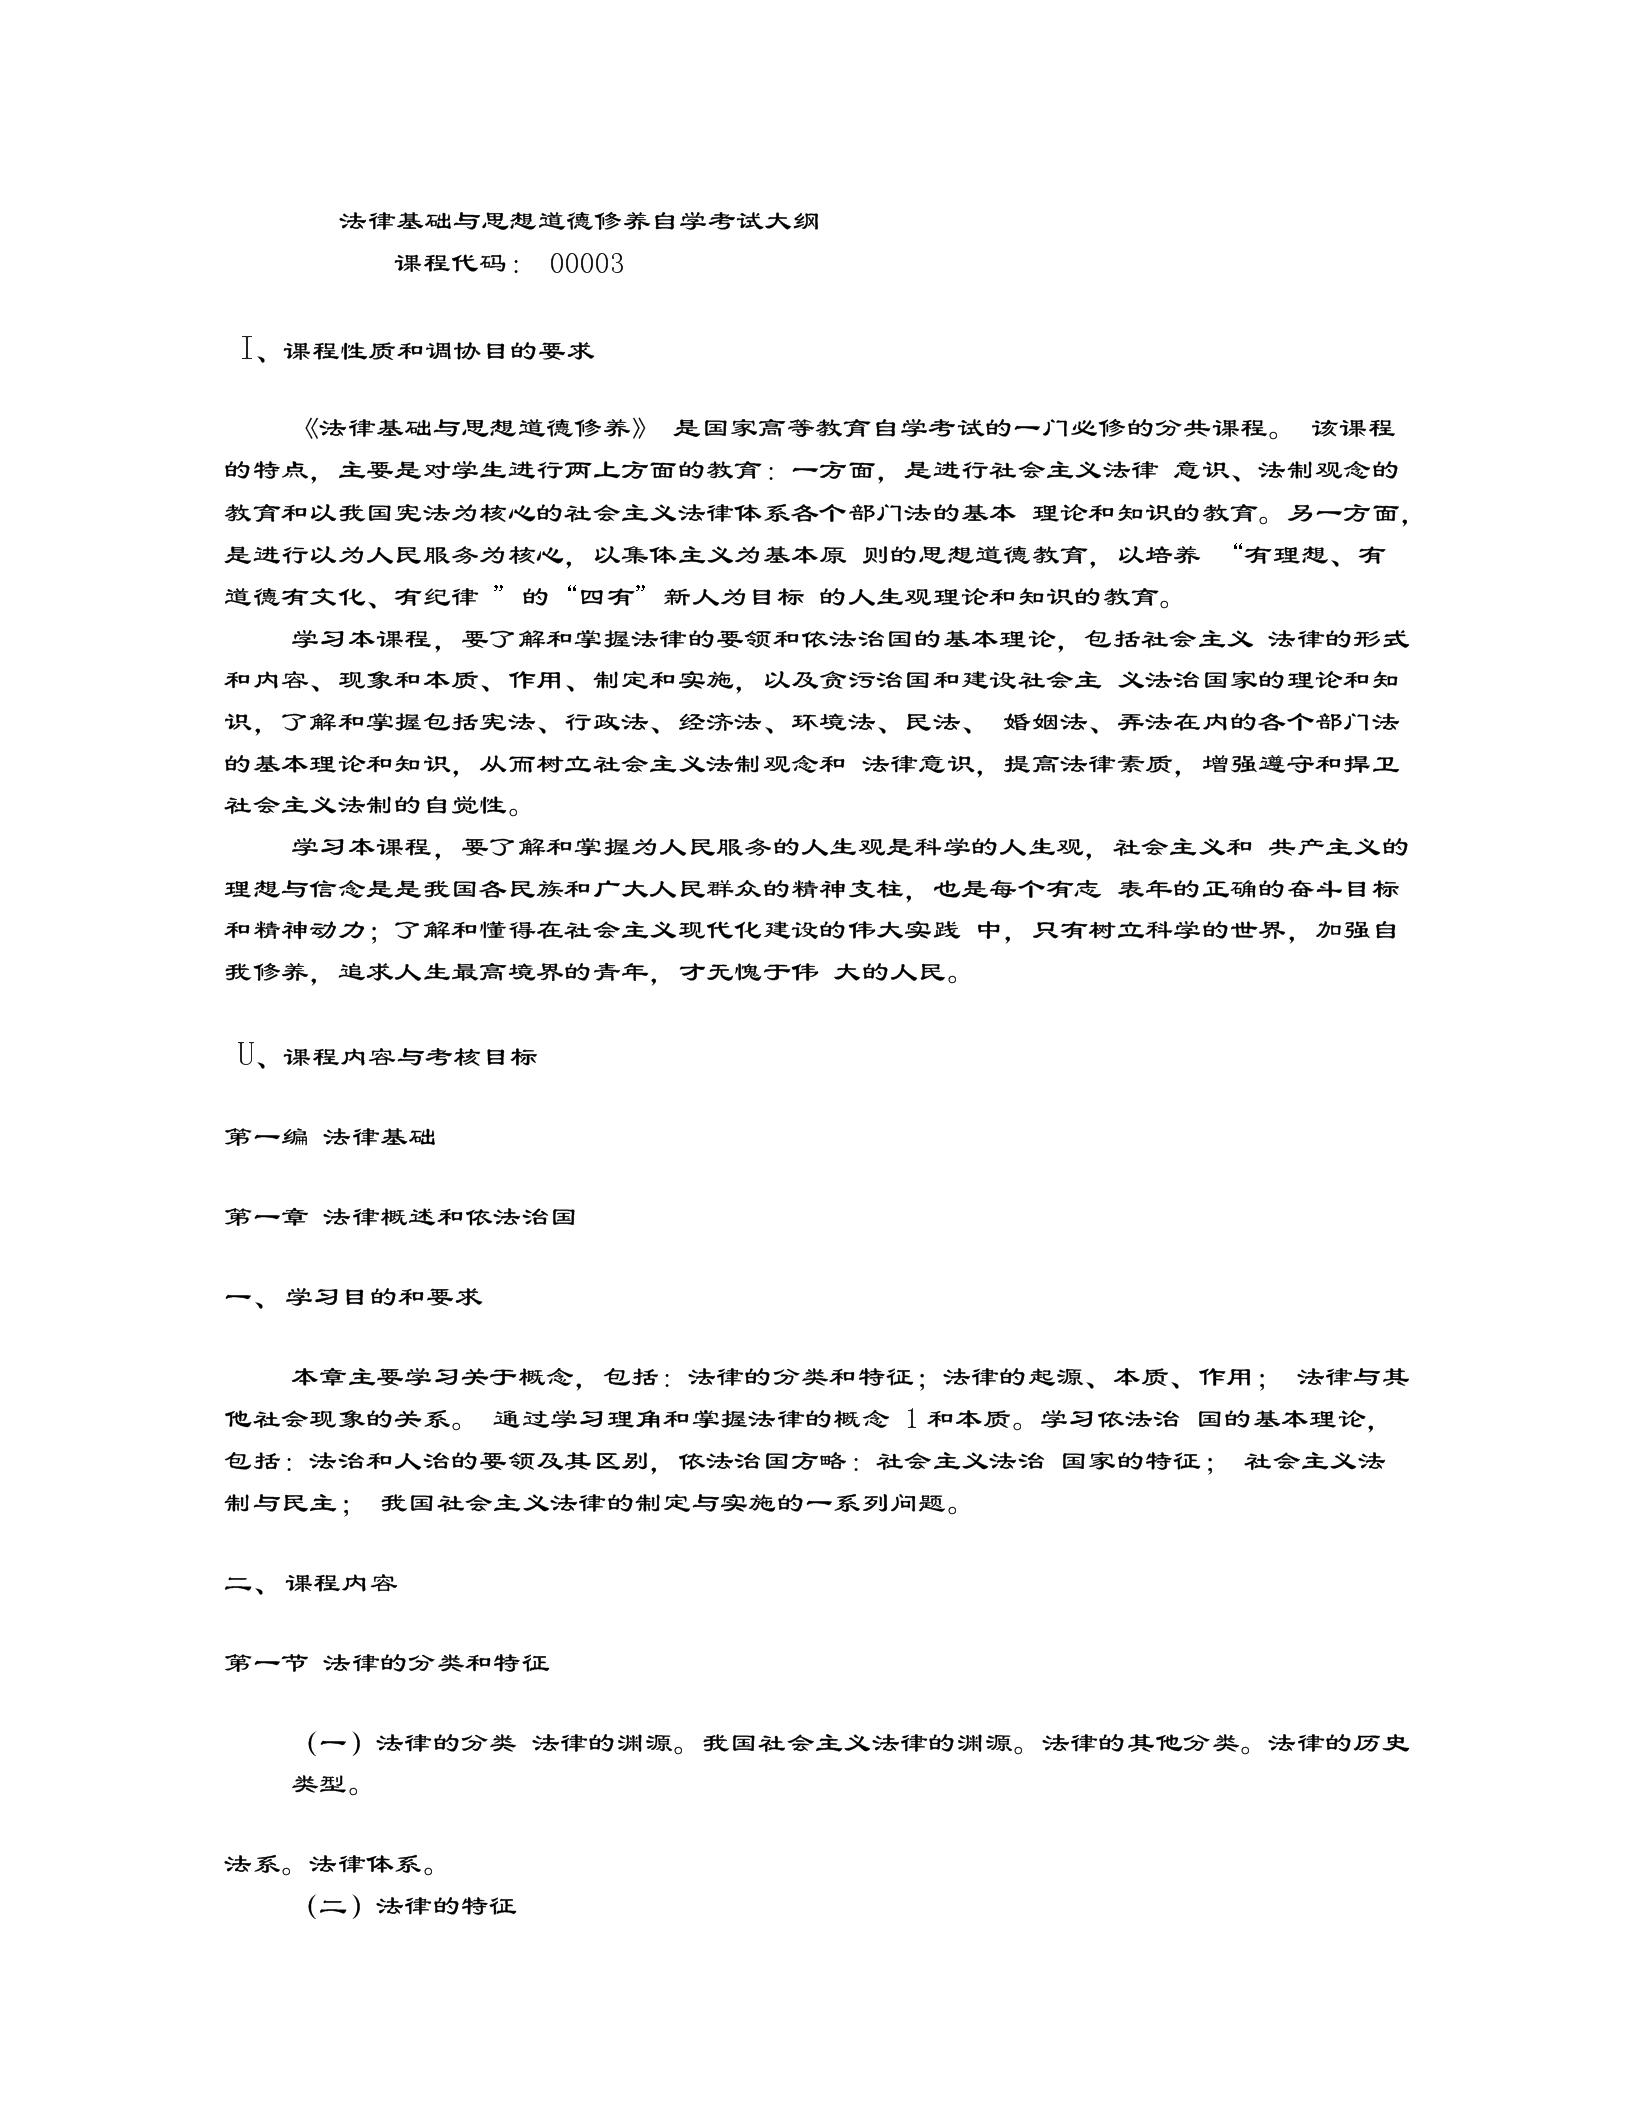 法律基础与思想道德修养自学考试大纲.docx